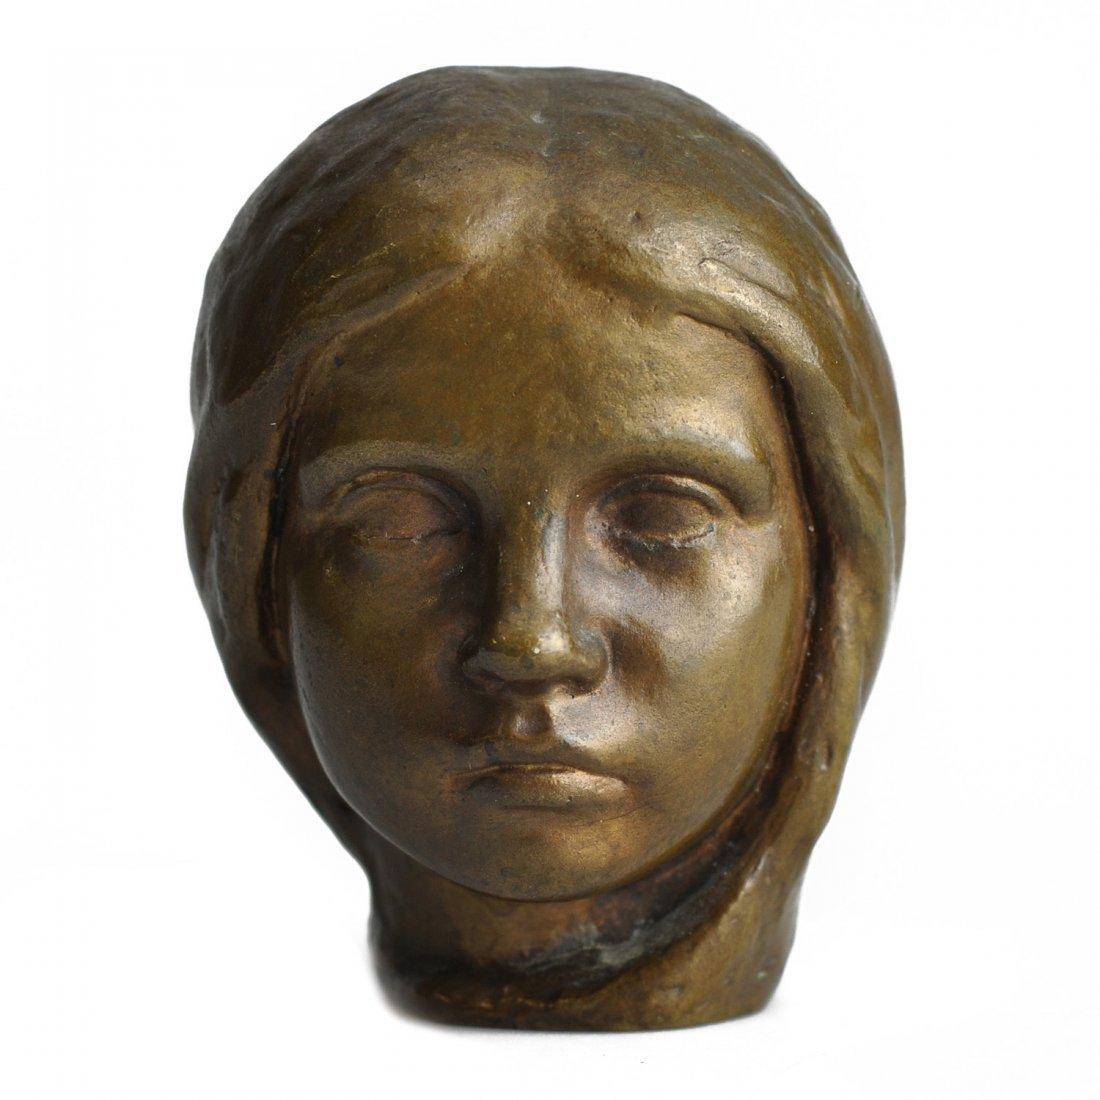 """6: SKULPTUR, brons, """"Marie Claire Enfant"""" (1910), JOHAN"""